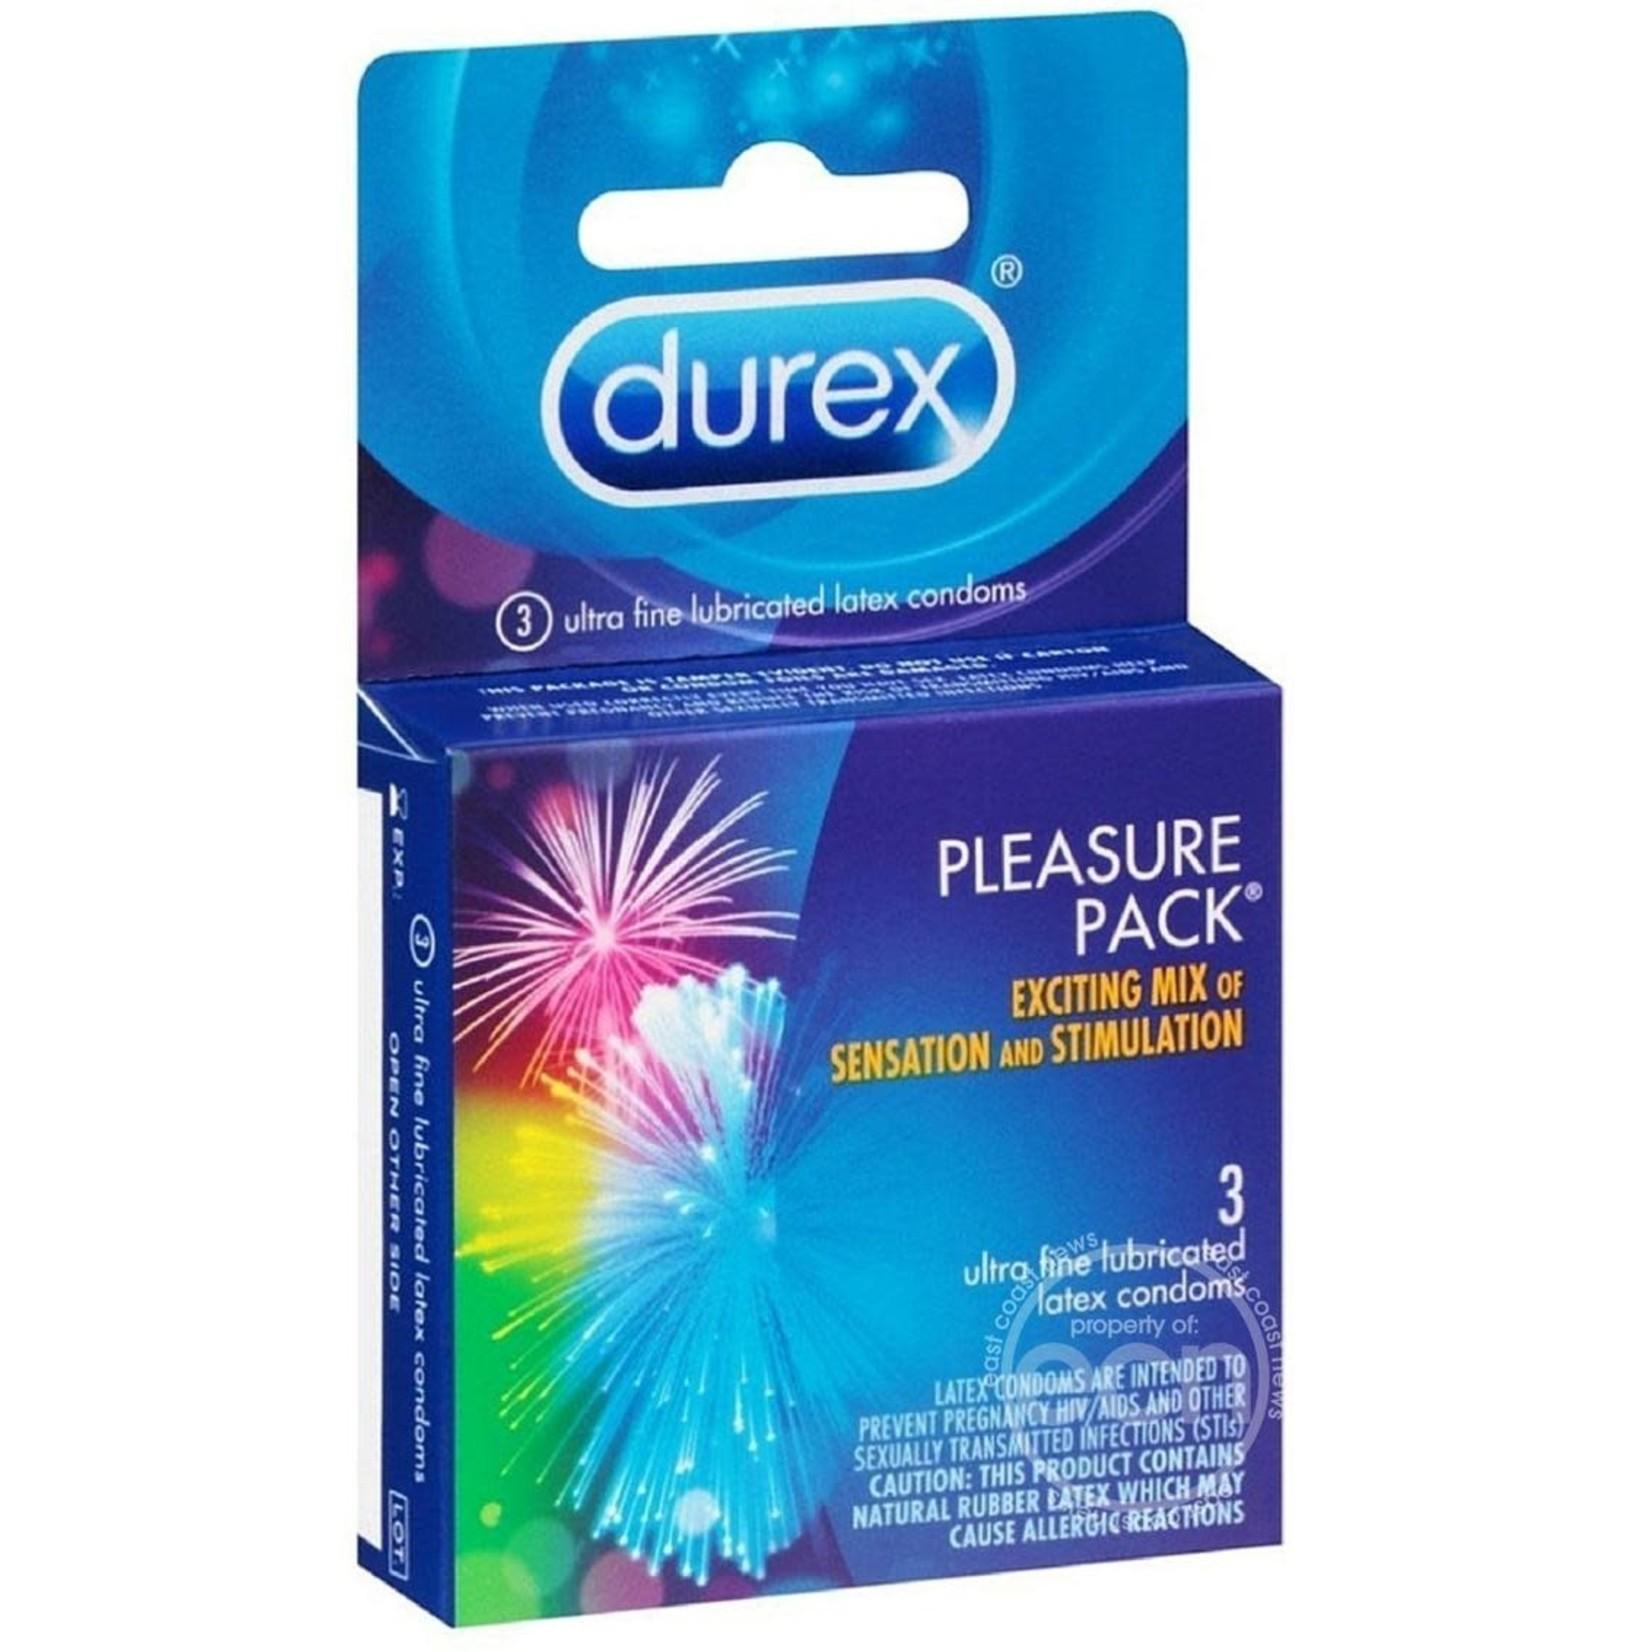 Durex Pleasure Pack (3 Pack)